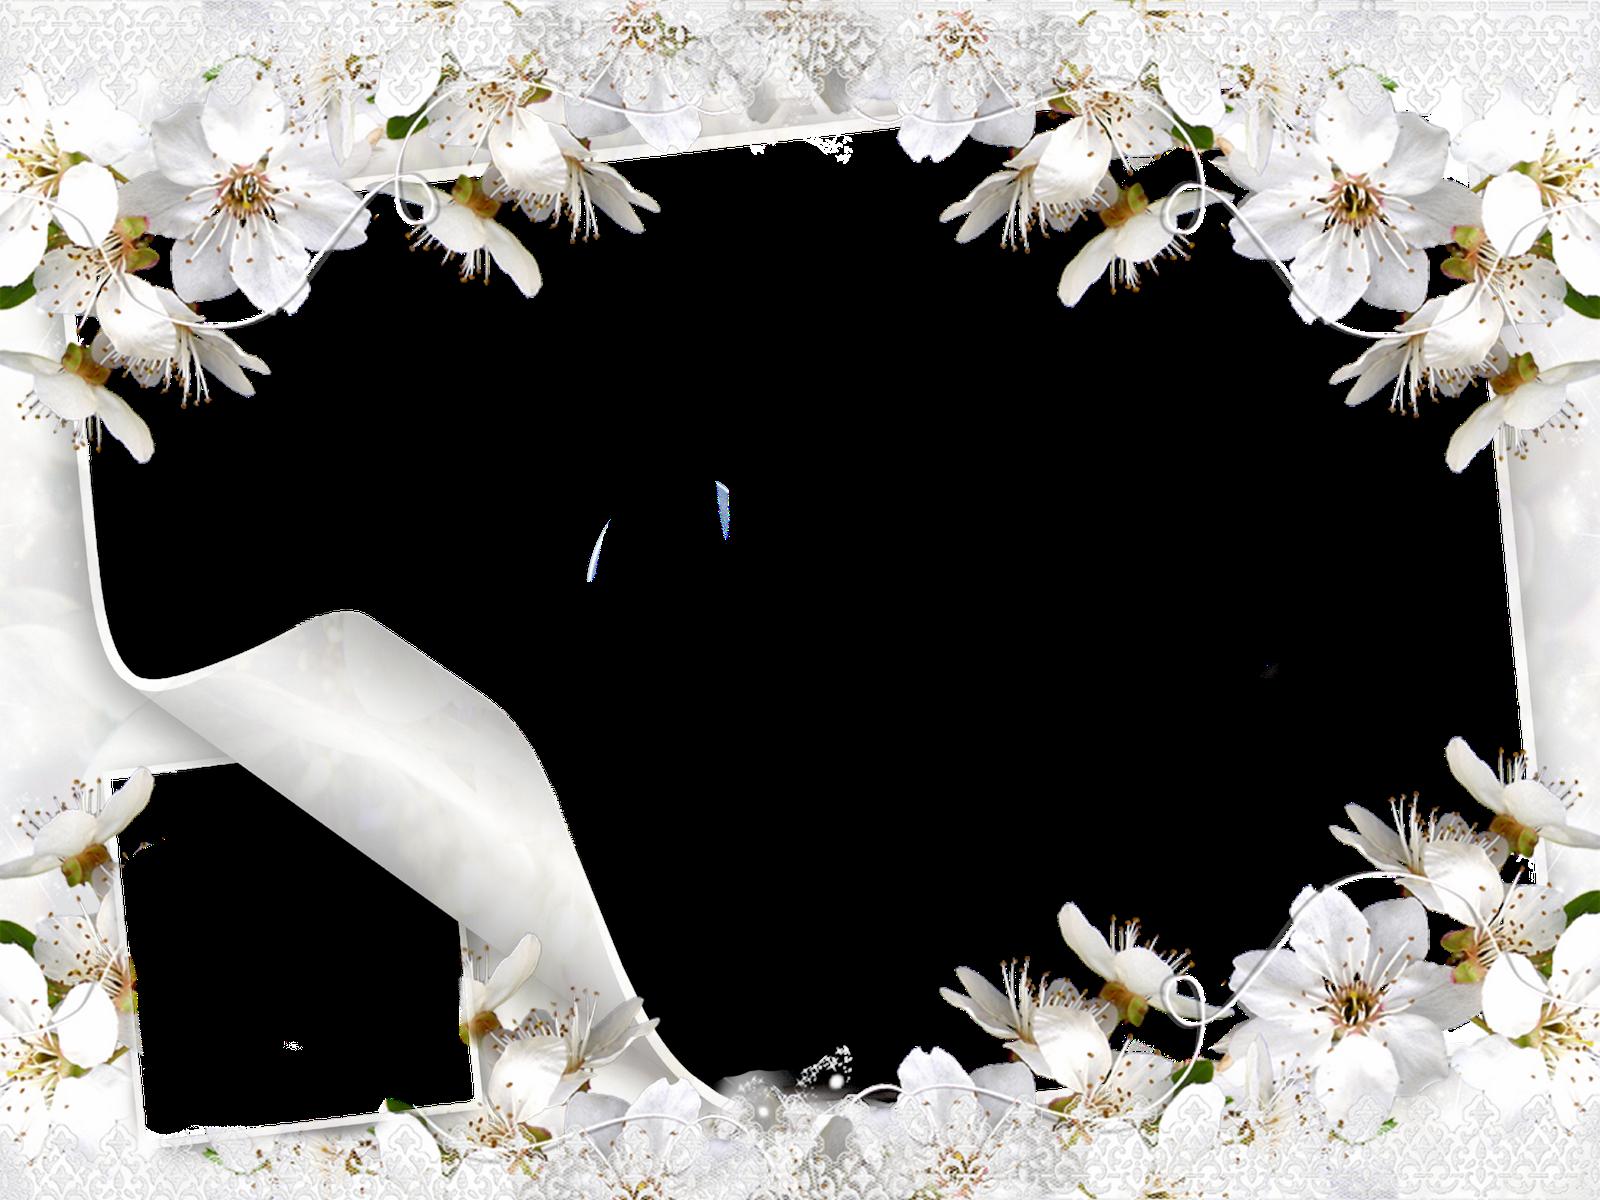 Imagenes De Ramos De Rosas Blancas - descargar imagen de ramo de rosas blancas Resultados